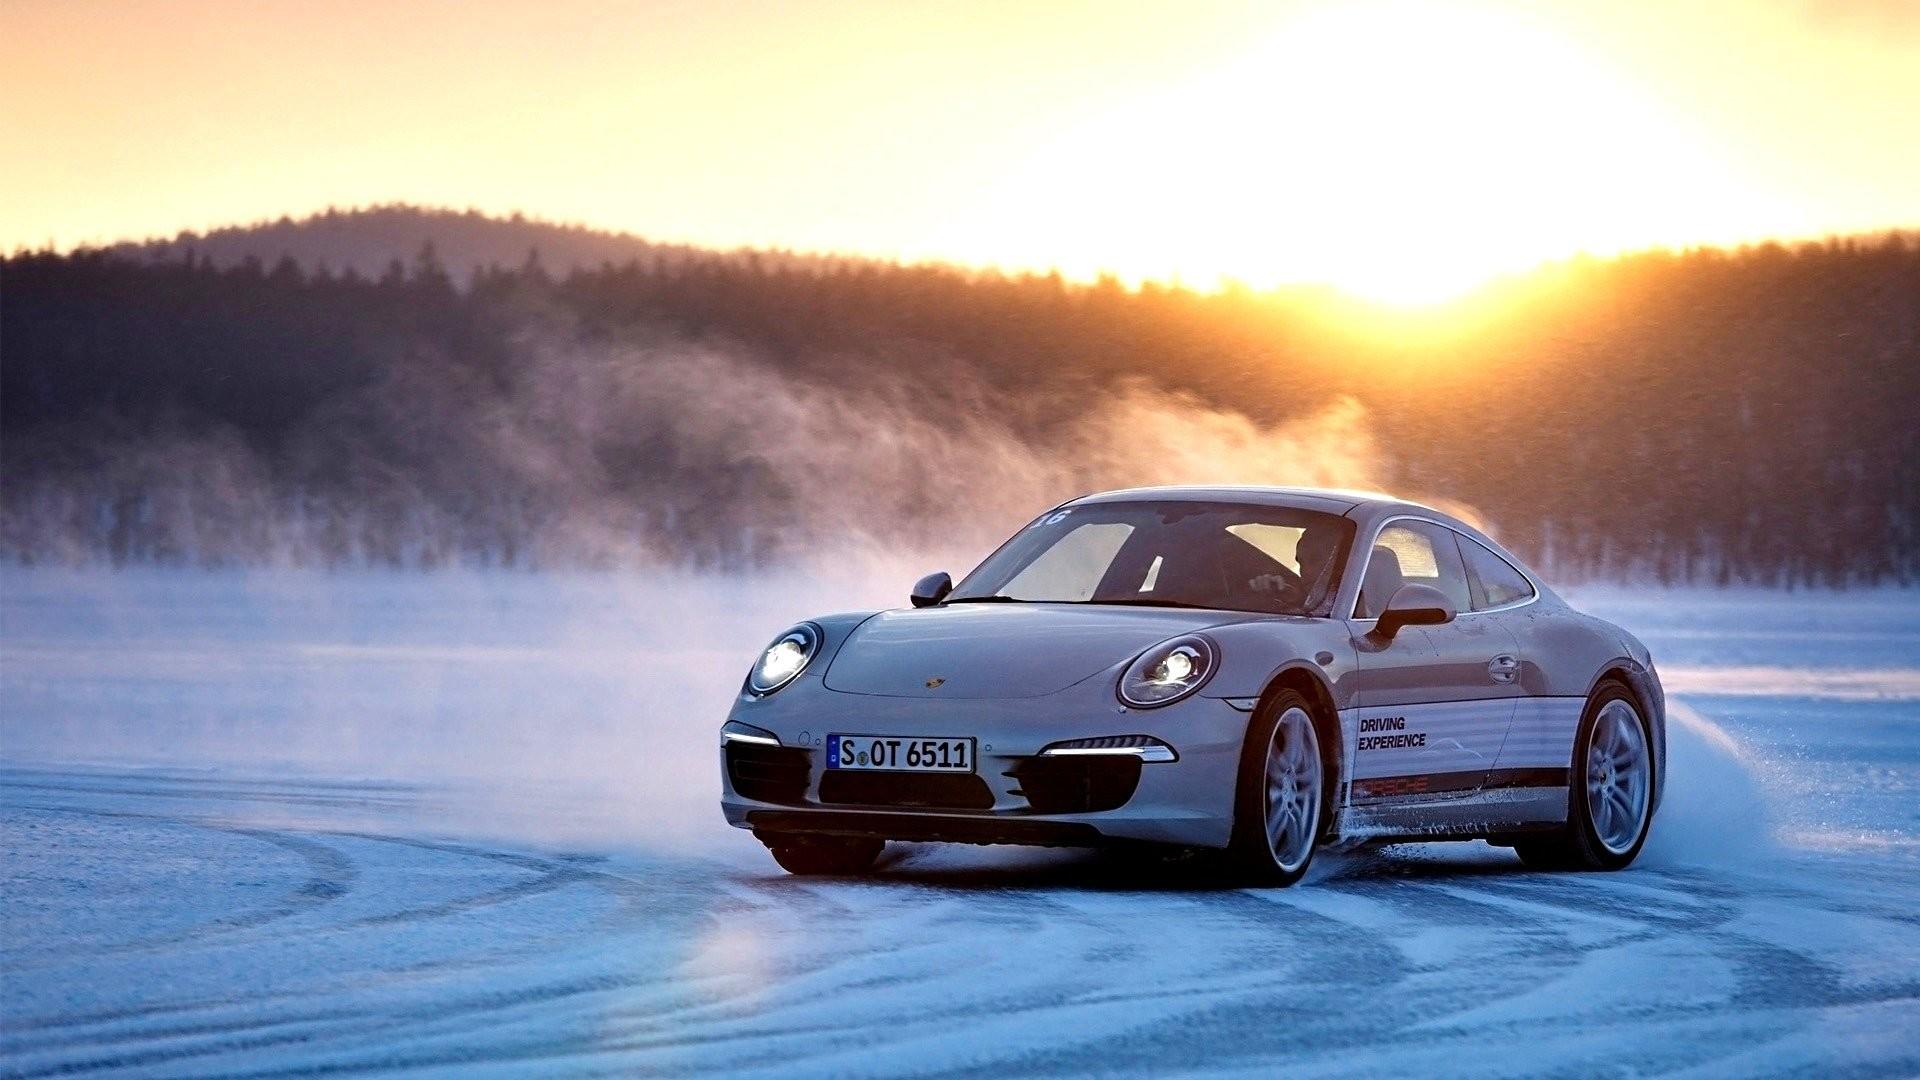 Porsche 911 Turbo Wallpaper   Data Src Porsche 911 - Porsche 911 Full Hd - HD Wallpaper